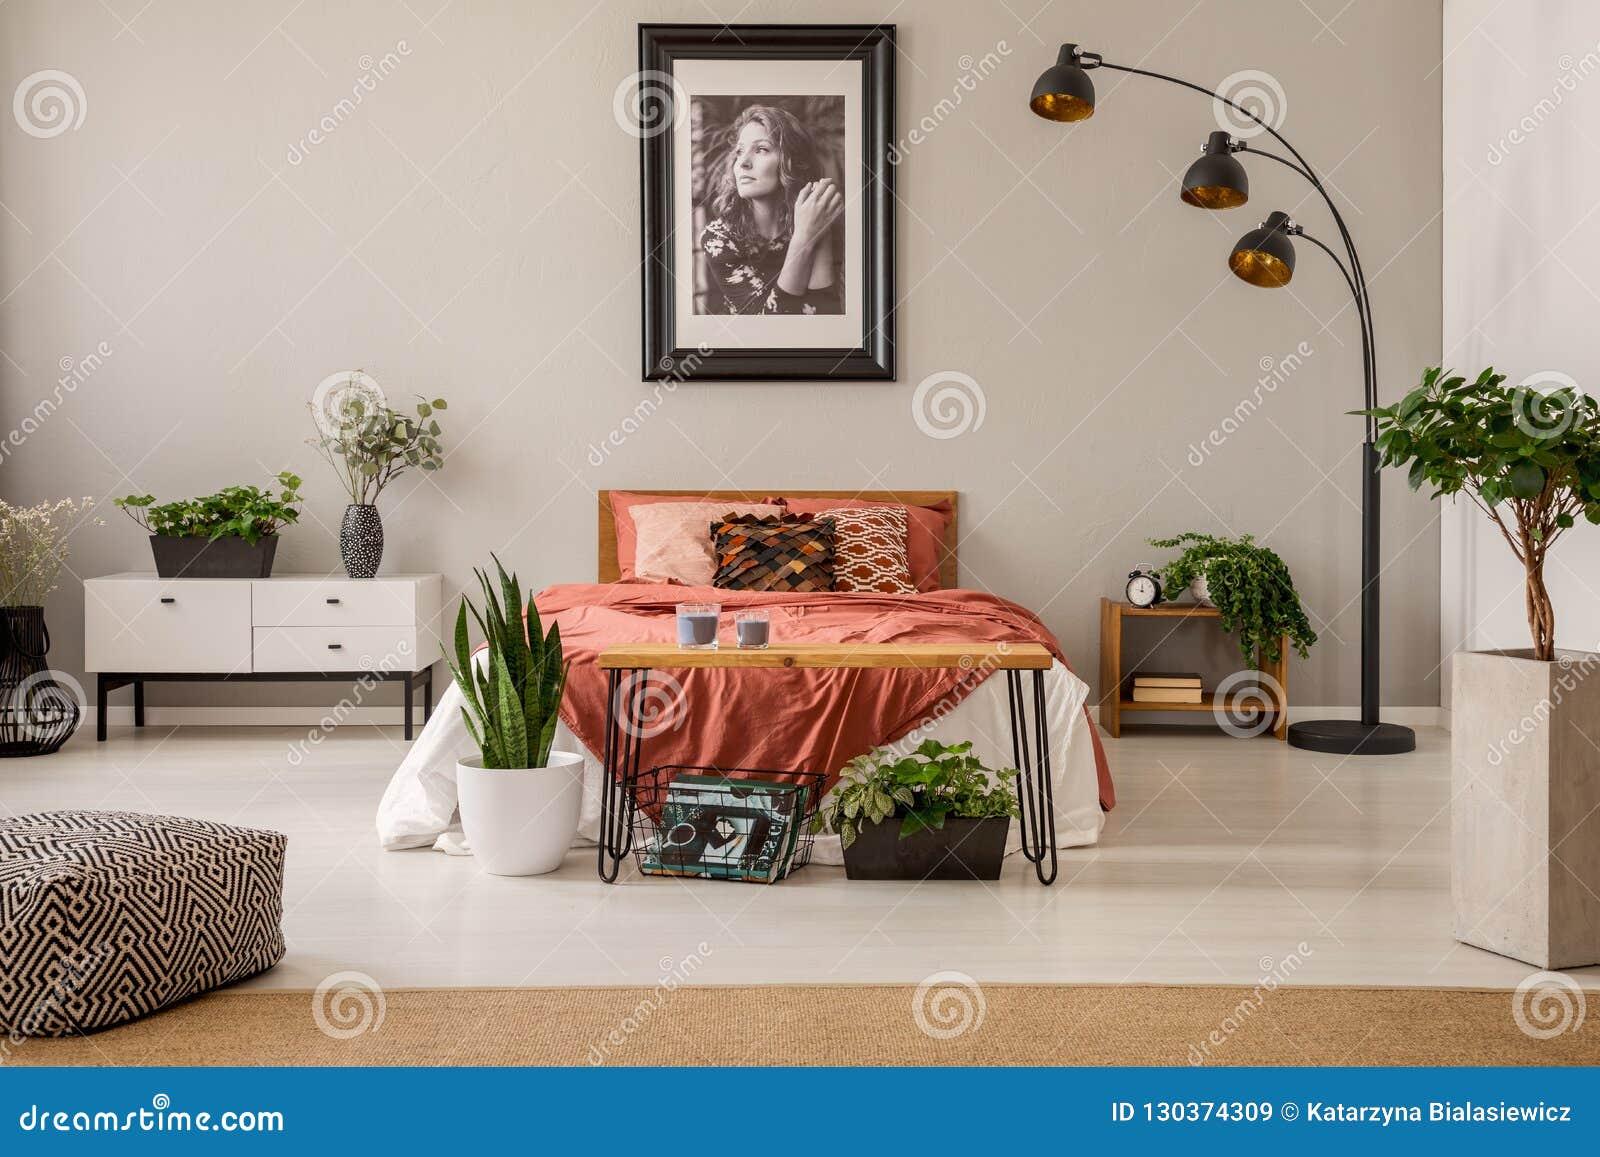 Обрамленный плакат красивой девушки над королевской кроватью с постельными принадлежностями цвета ржавчины в просторном интерьере